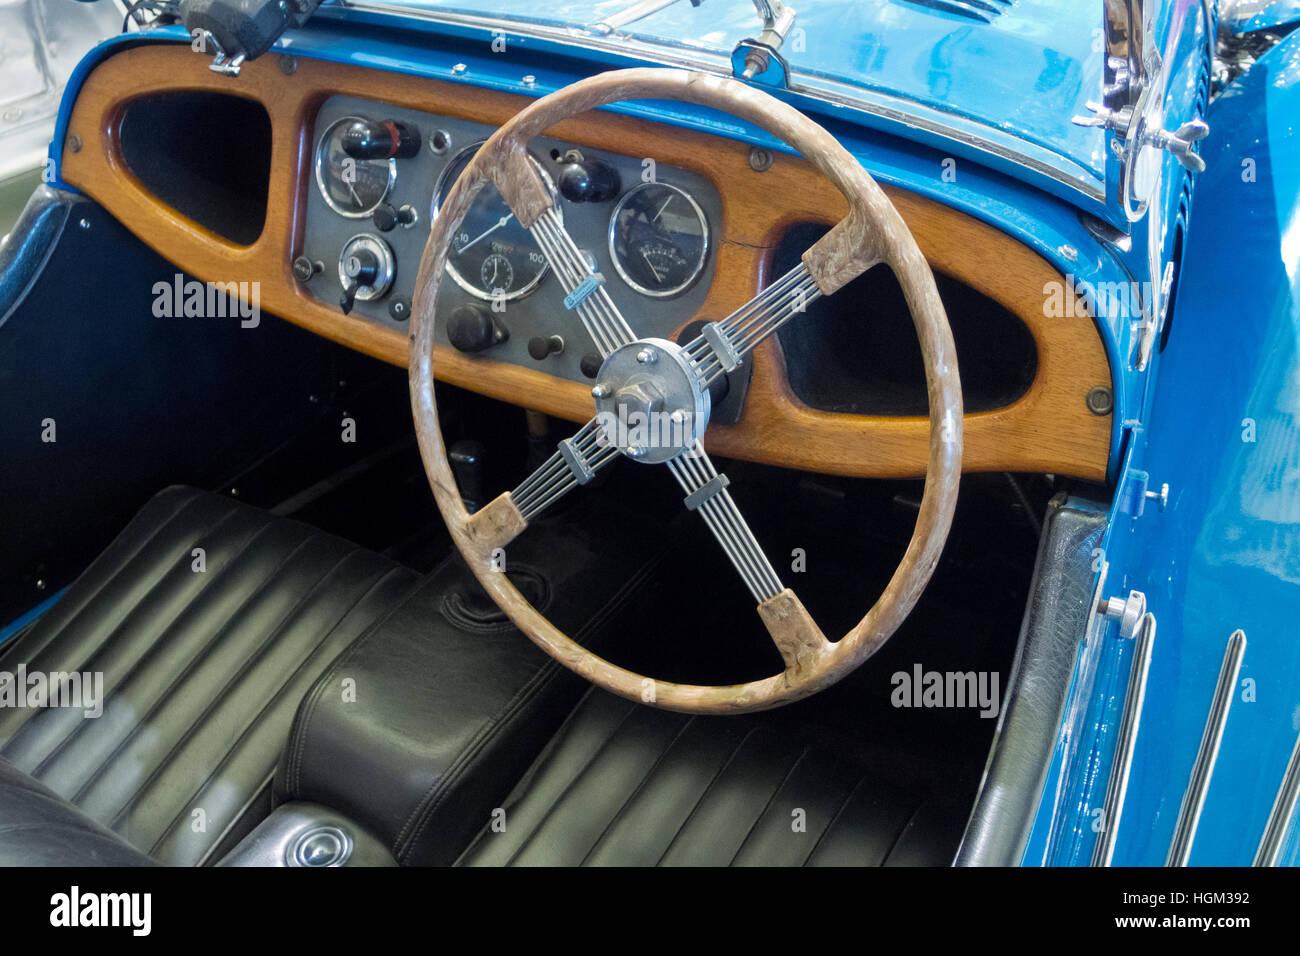 Innenraum von einem Morgan 4/4 Serie One Motor Auto, UK Stockbild